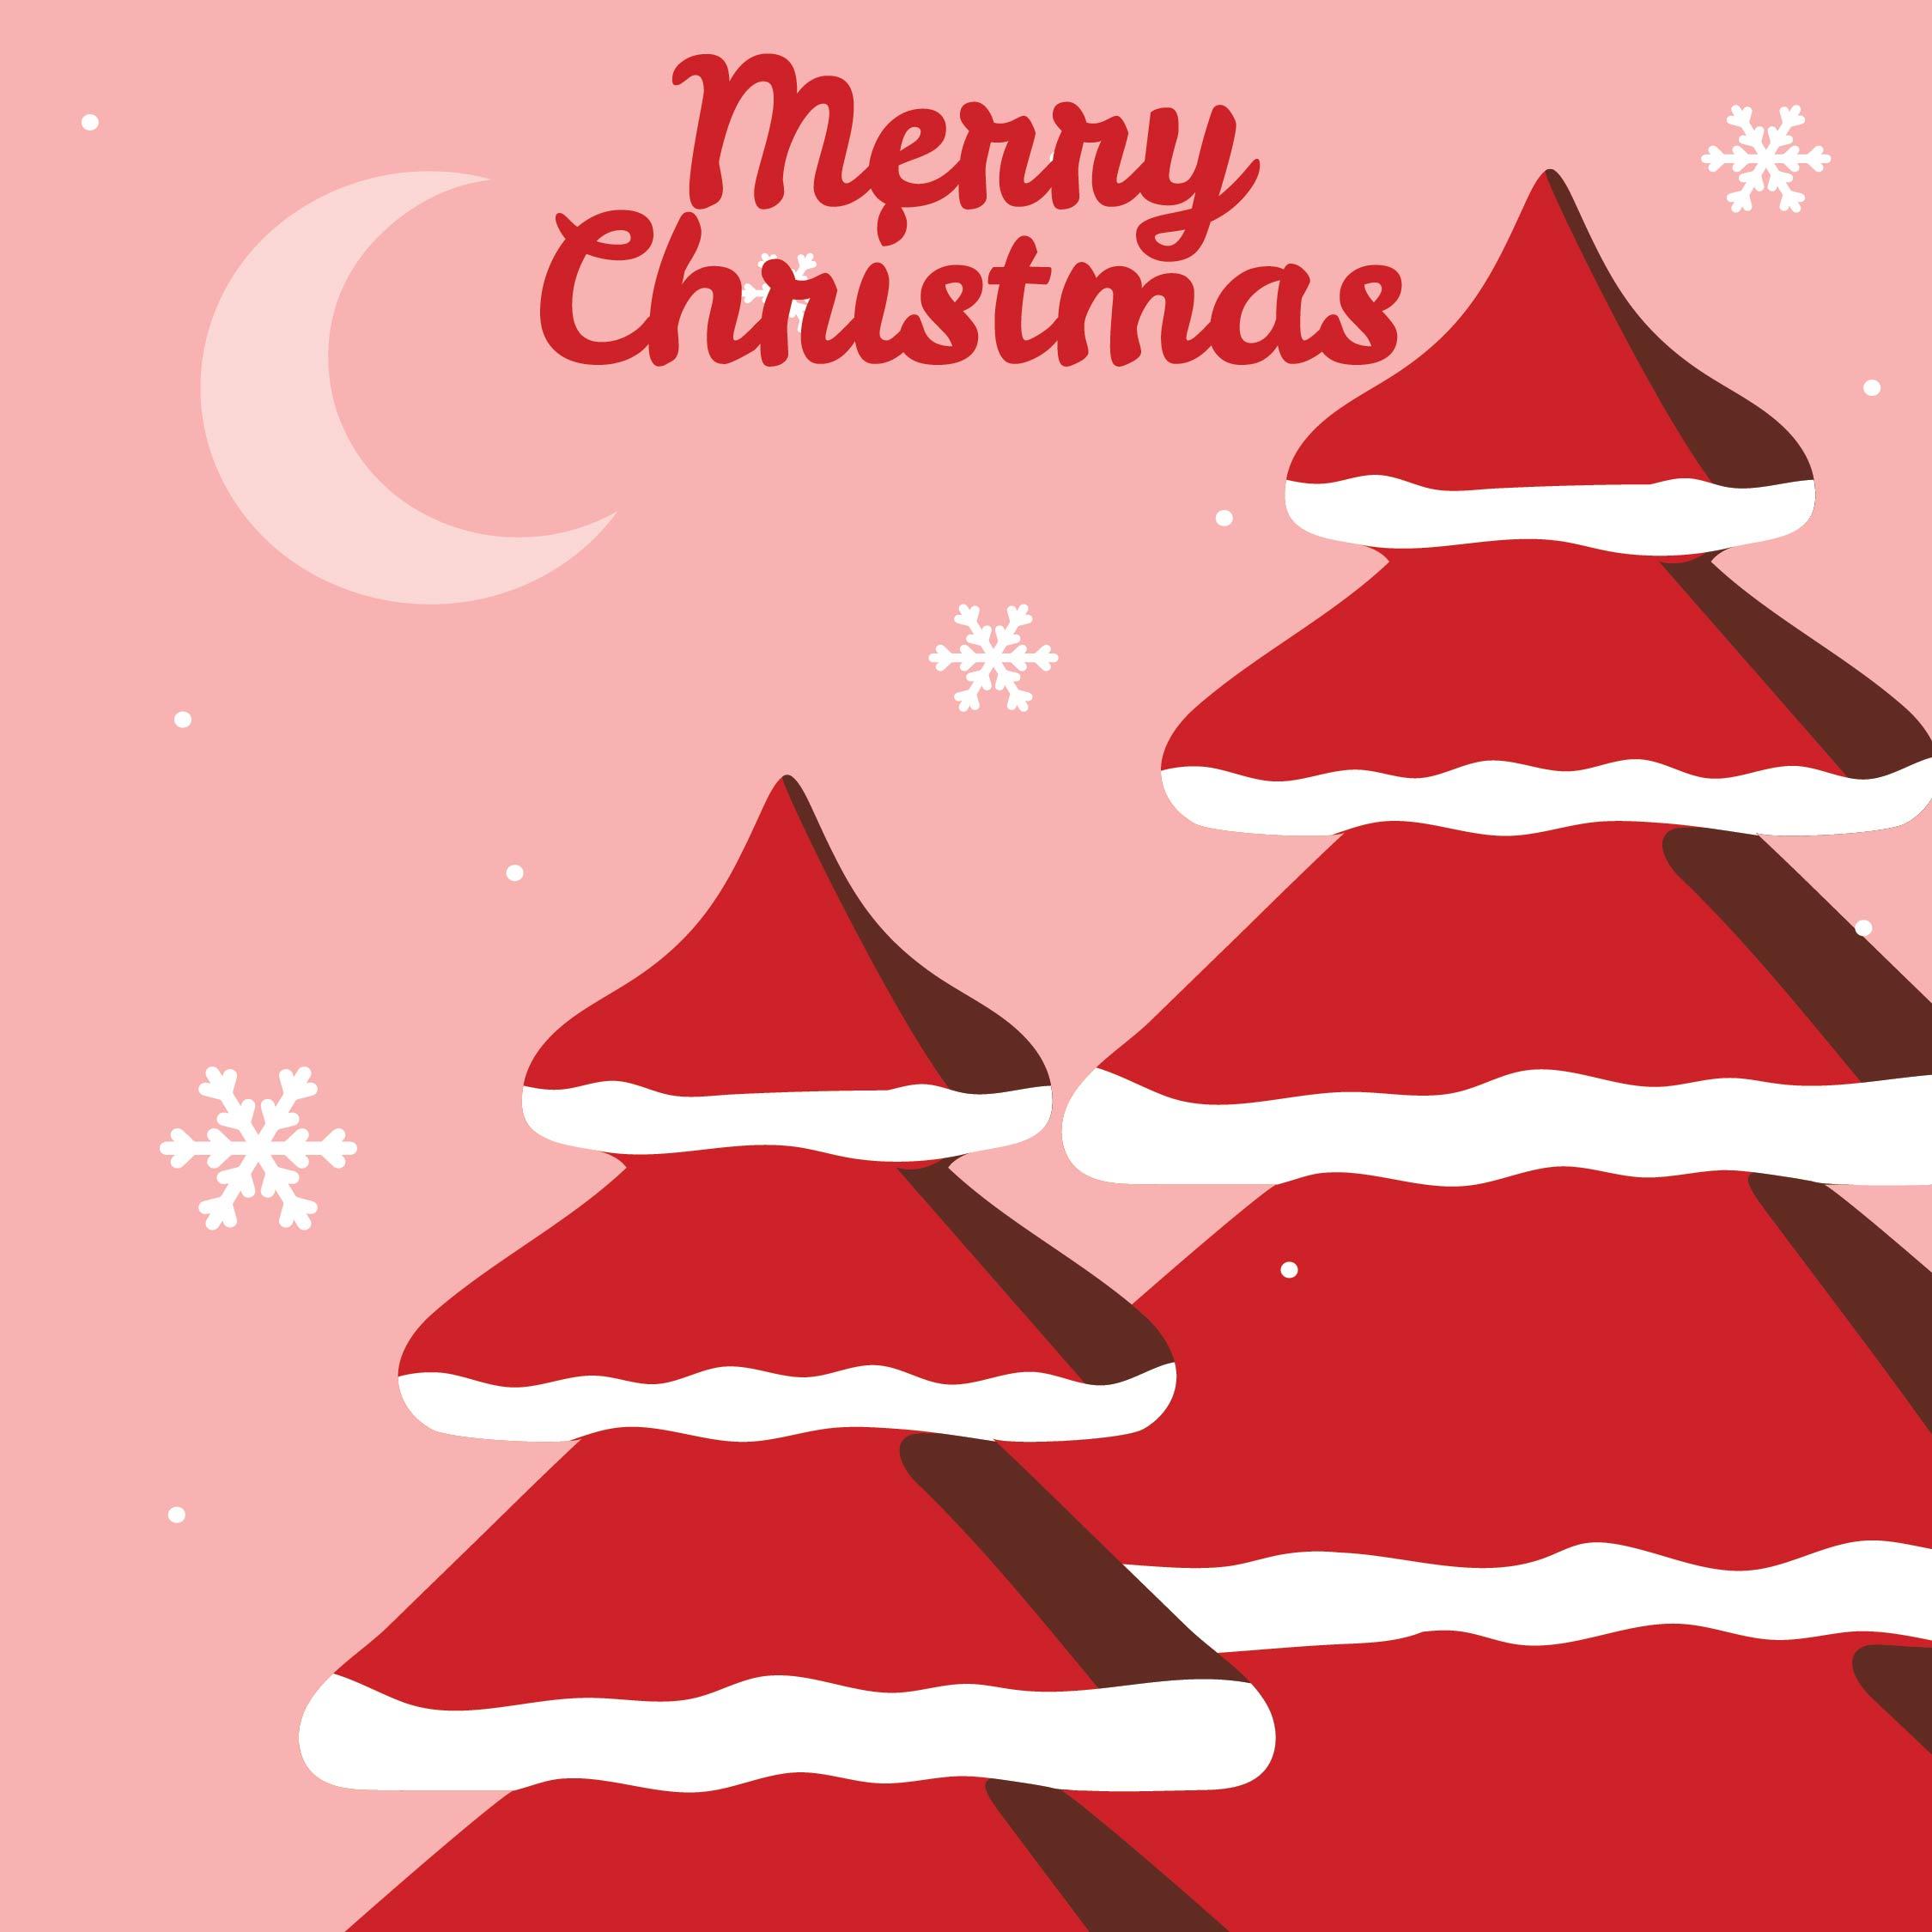 Printable Snowflake Christmas Card